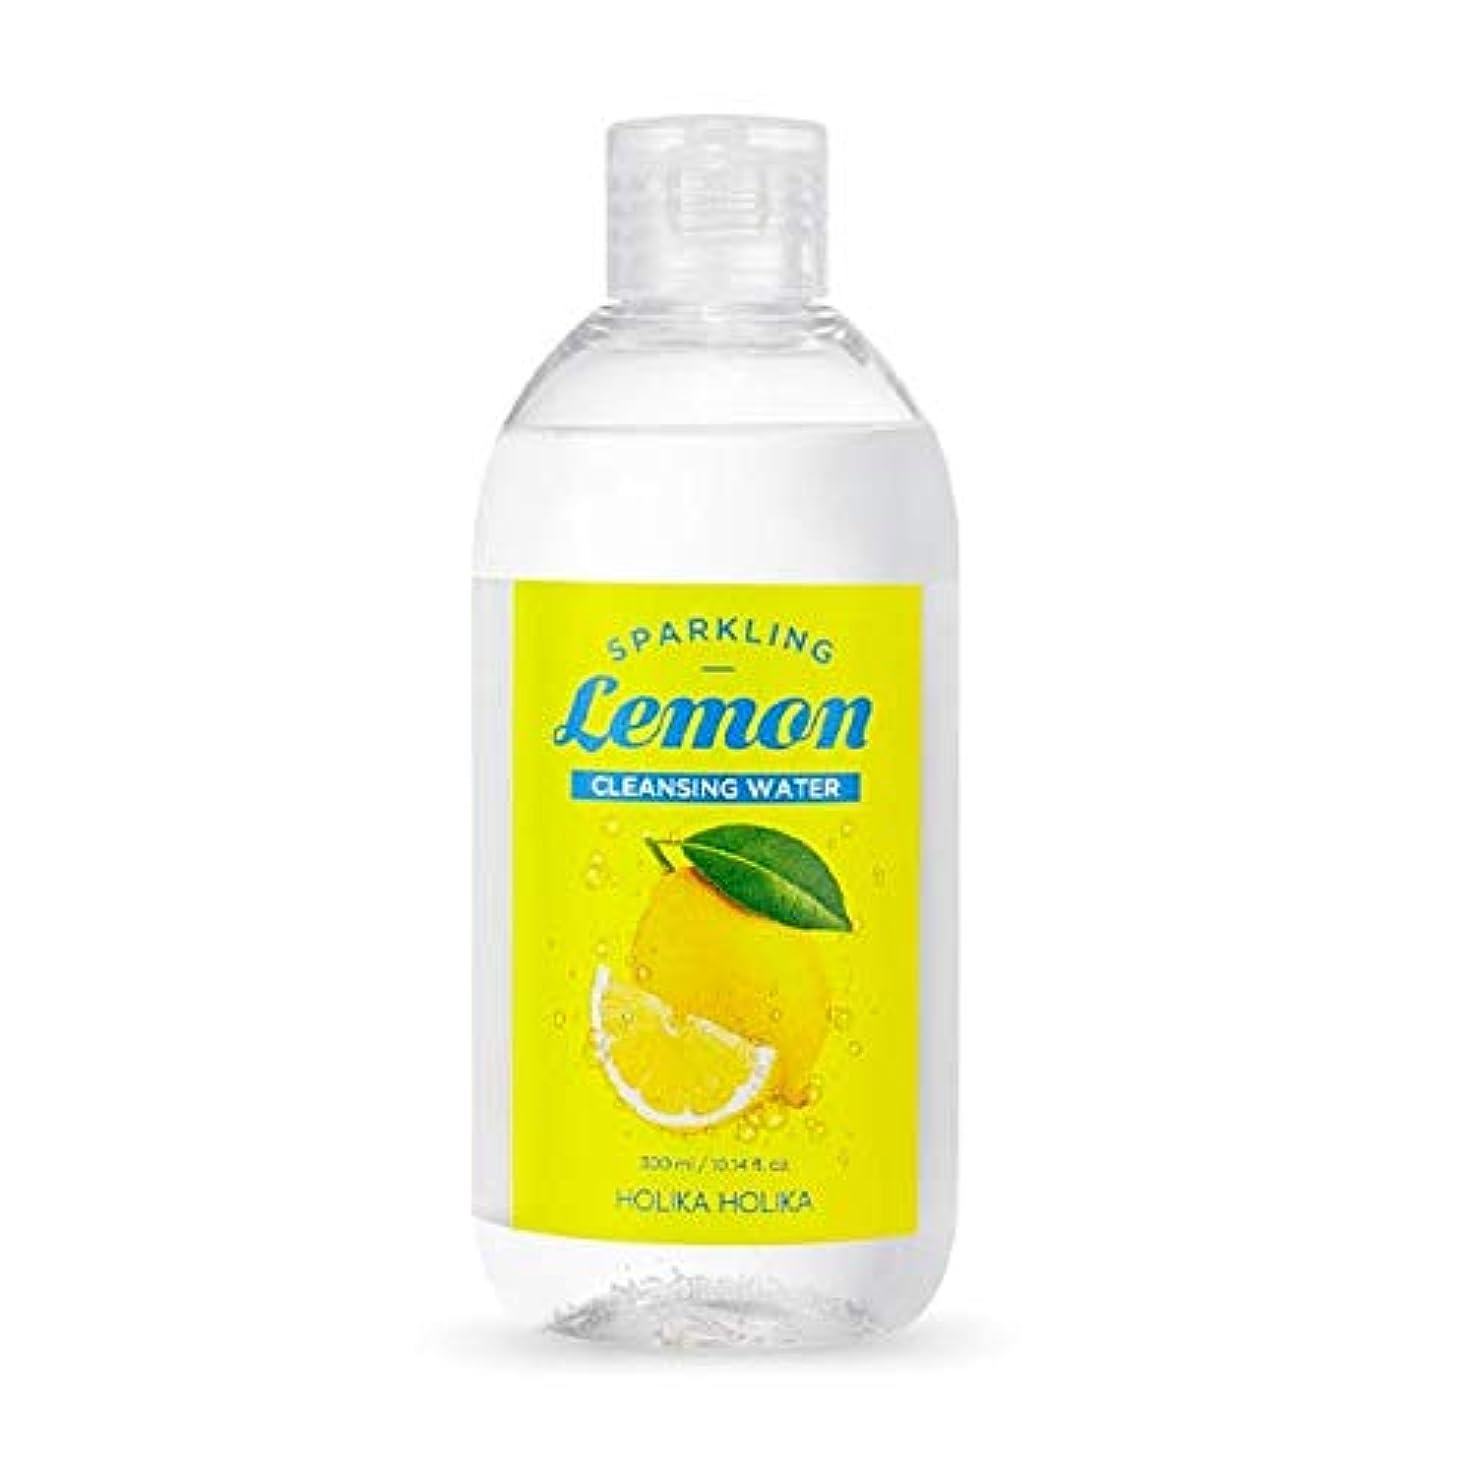 ホリカホリカ 炭酸レモンクレンジングウォーター 300ml / Holika Holika Sparkling Lemon Cleansing Water 300ml [並行輸入品]